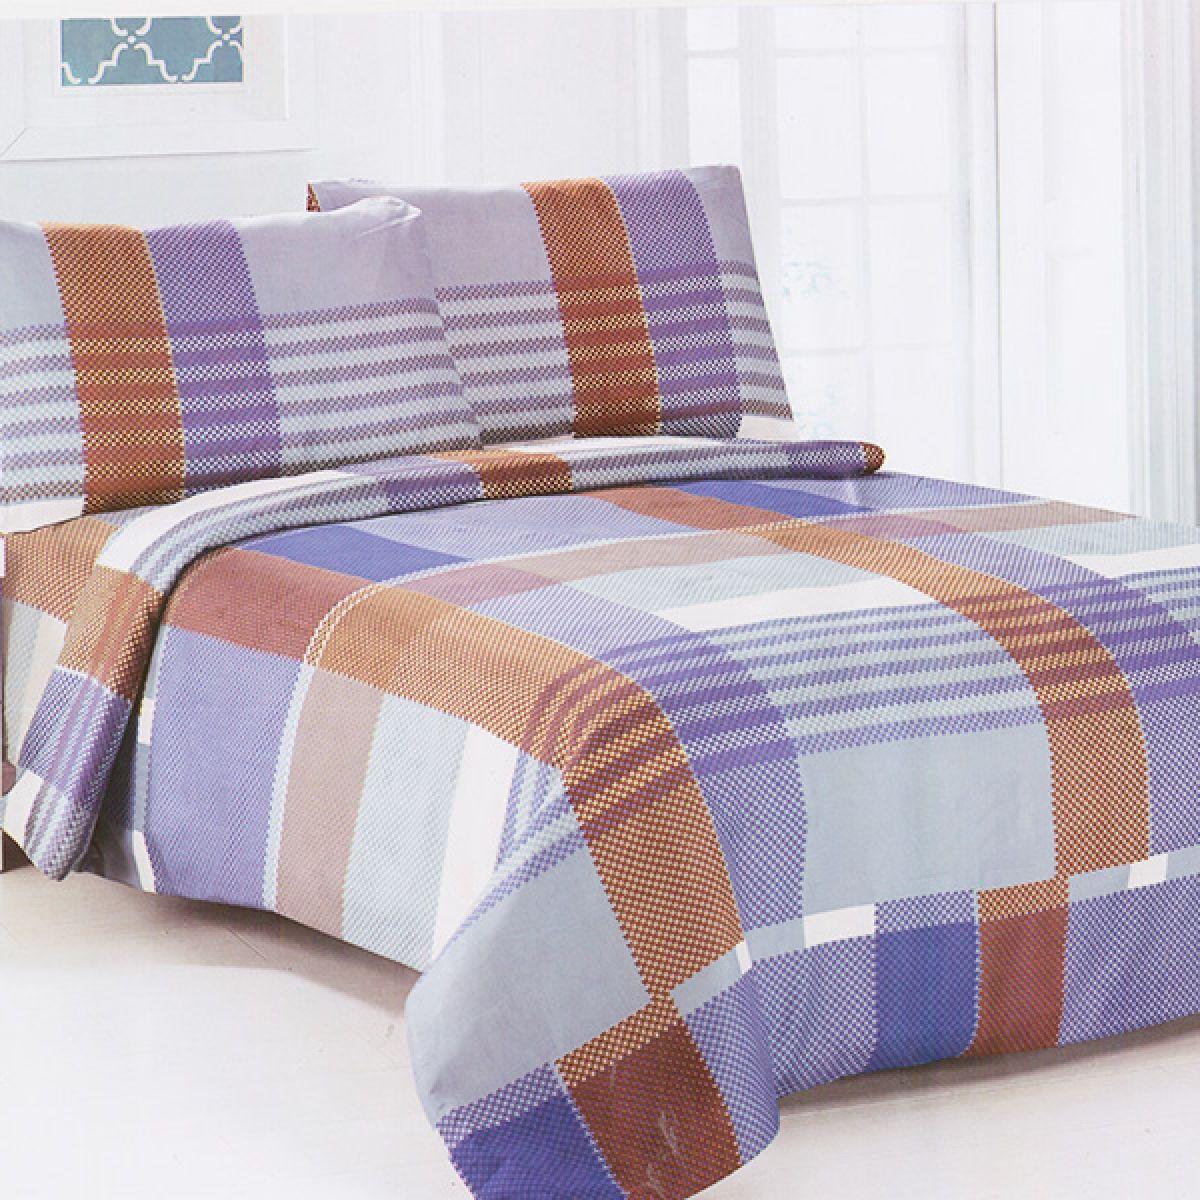 Cheap Beddings - TPR-520 - 220x200cm - 4 pcs